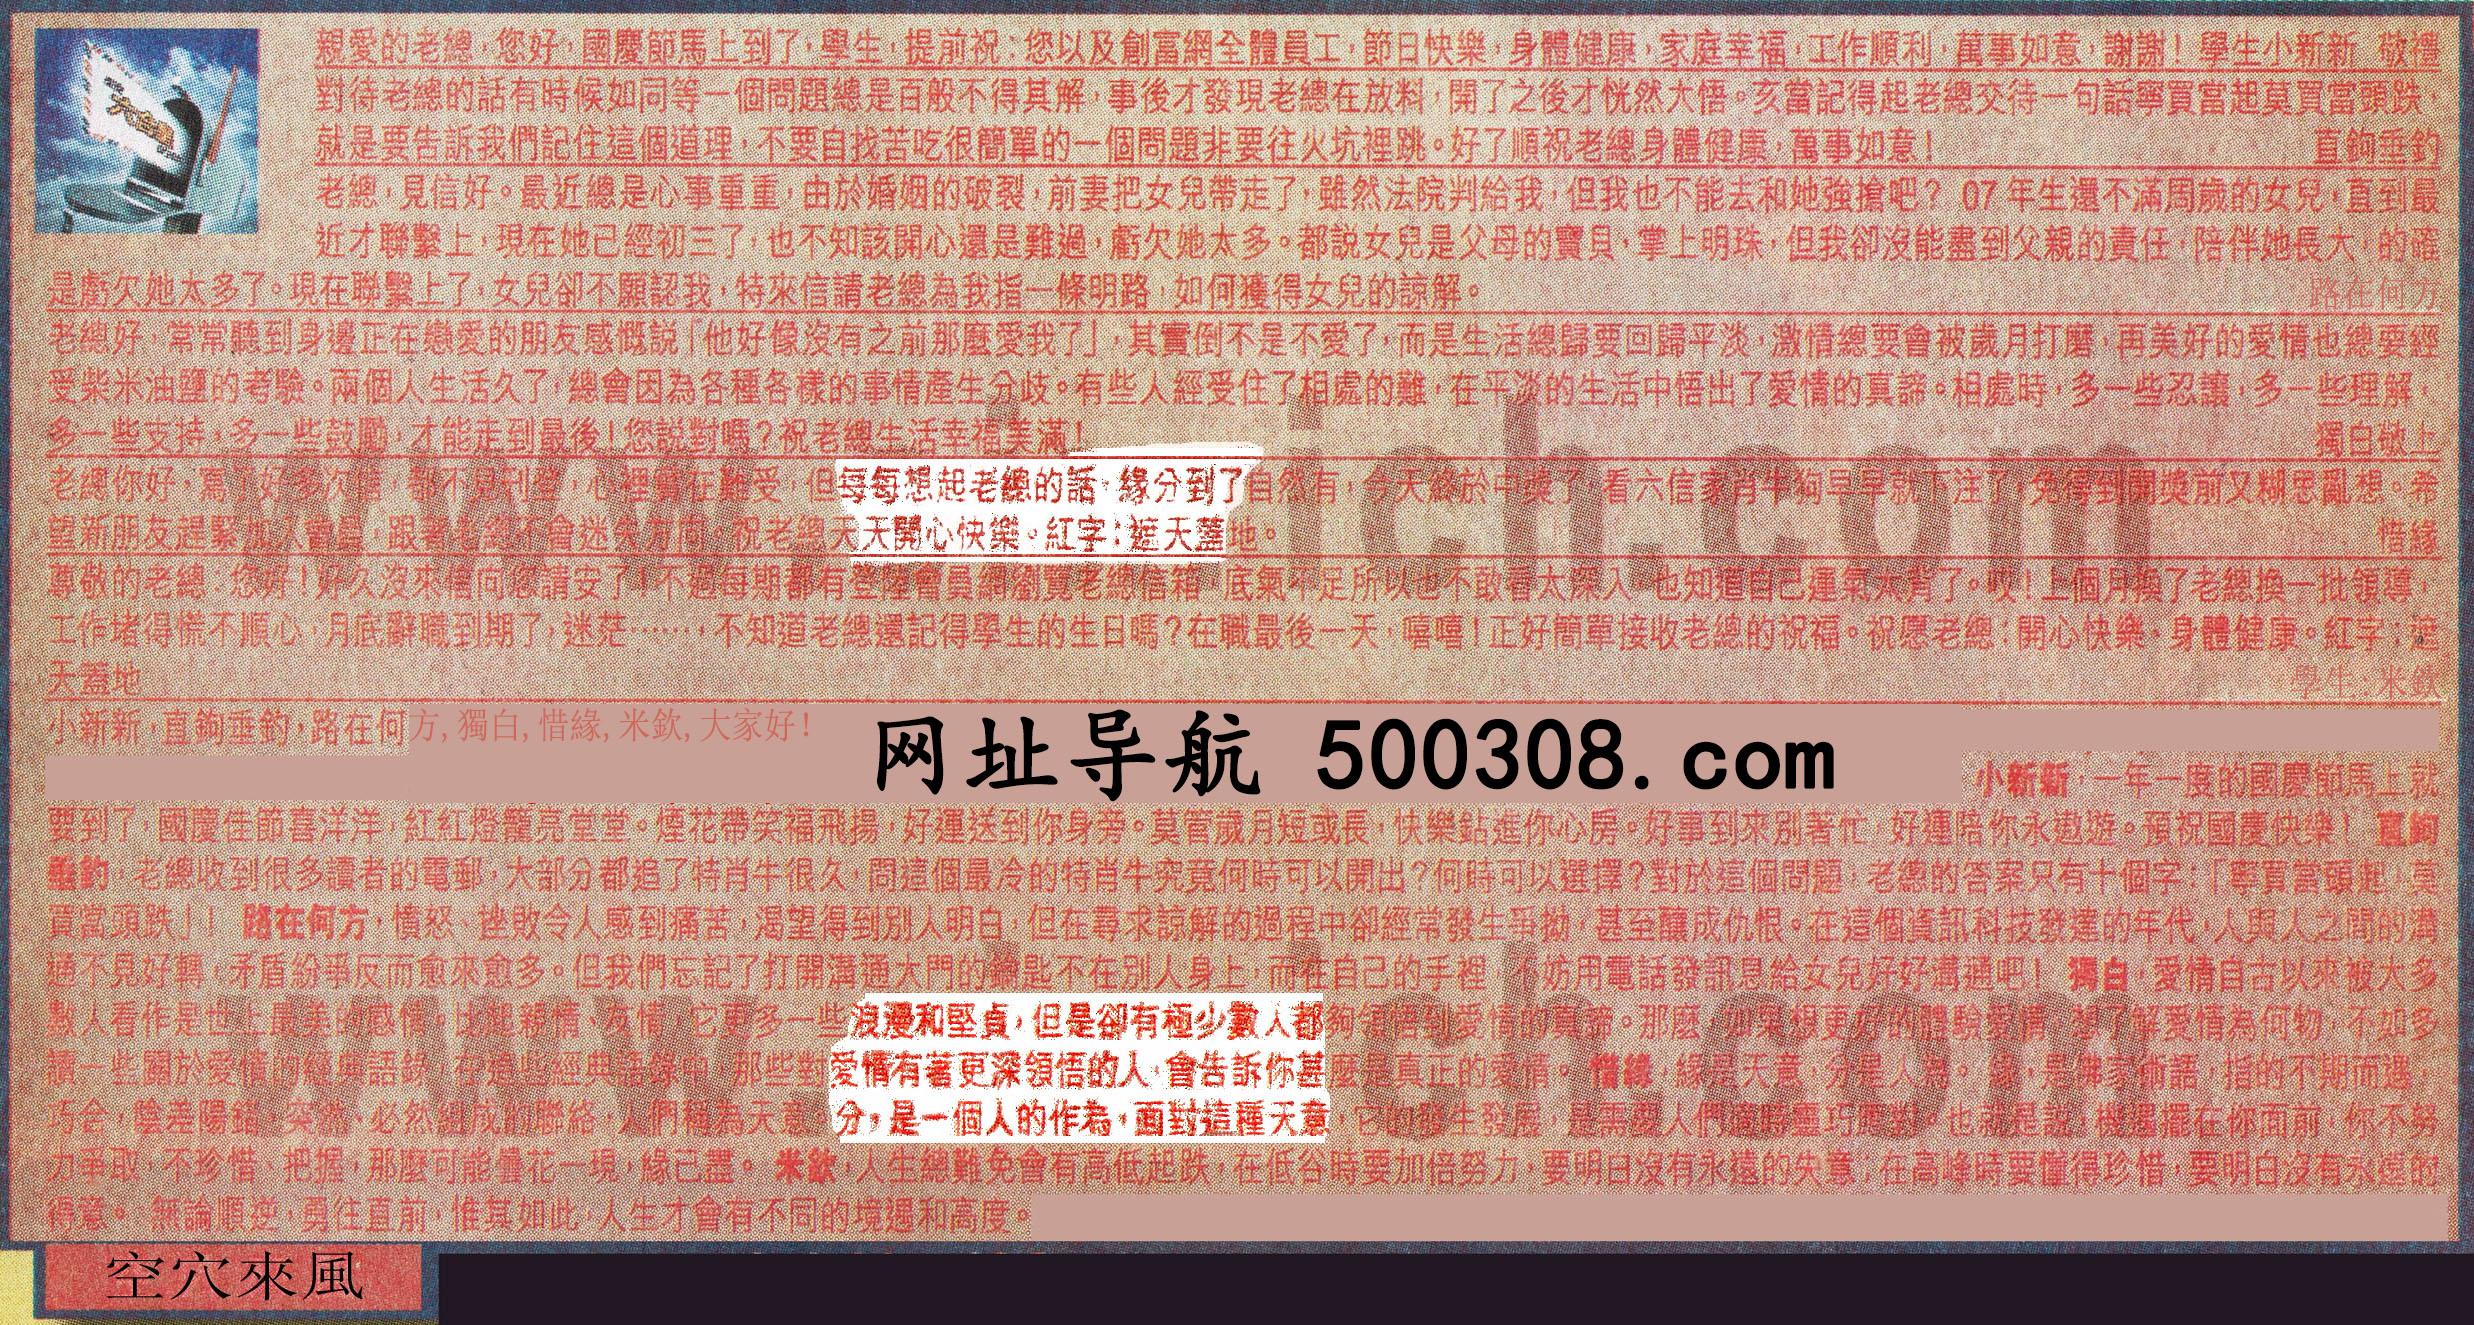 088期:彩民推荐六合皇信箱(�t字:空穴�盹L)_088期开奖结果:31-06-12-19-47-48-T41(鸡/蓝/木)